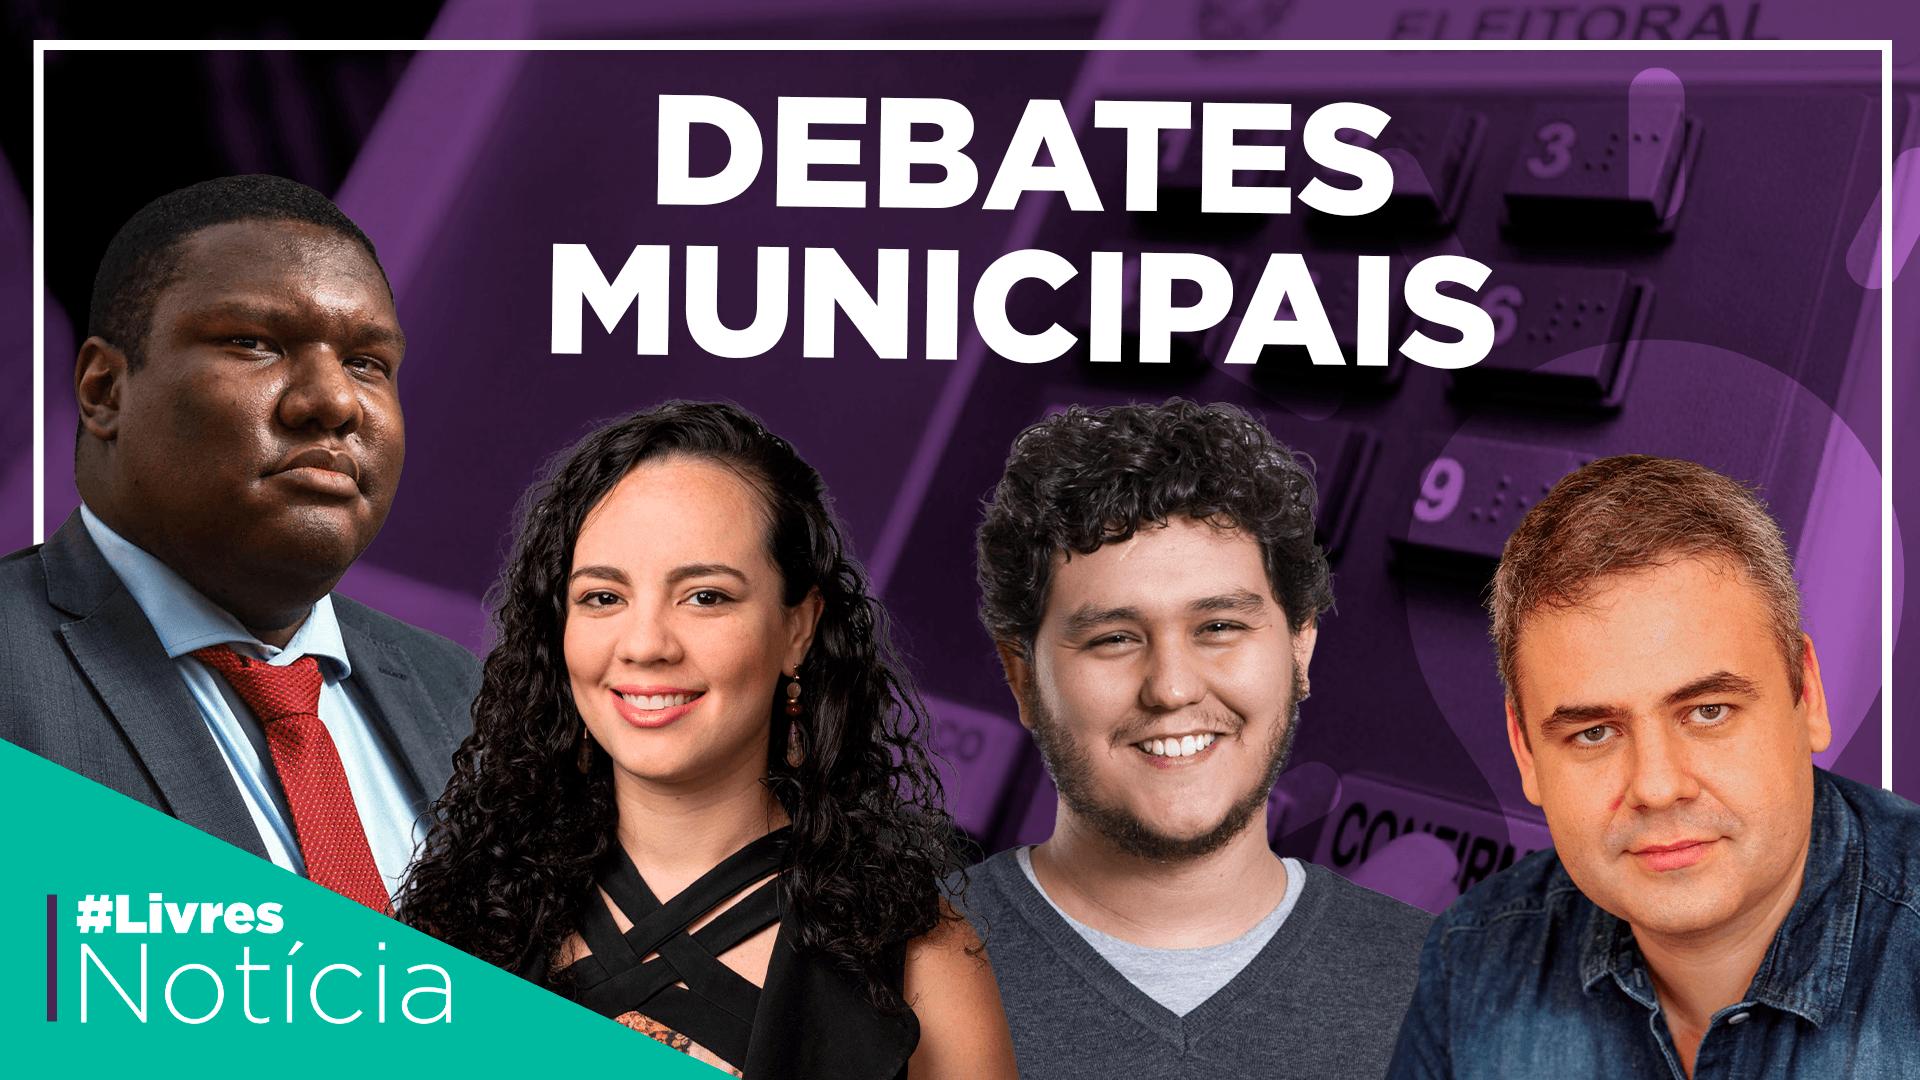 Os debates municipais em pauta   LivresNotícia AO VIVO com os destaques da semana – 02/10